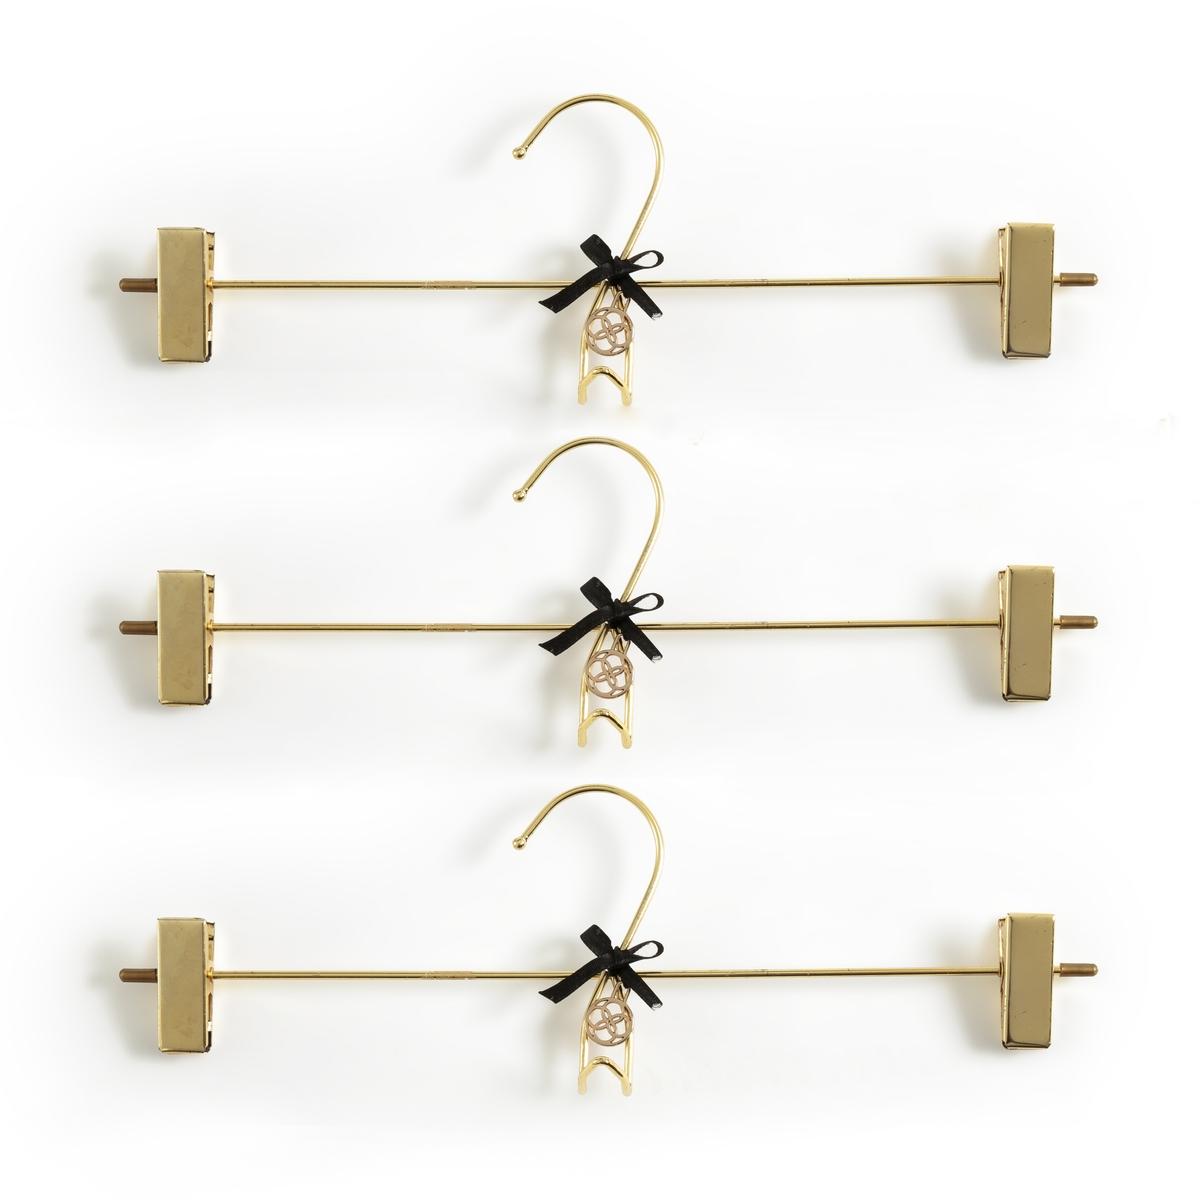 Вешалки La Redoute С крючками Drenia единый размер желтый вешалка la redoute настенная с крючками agama единый размер белый